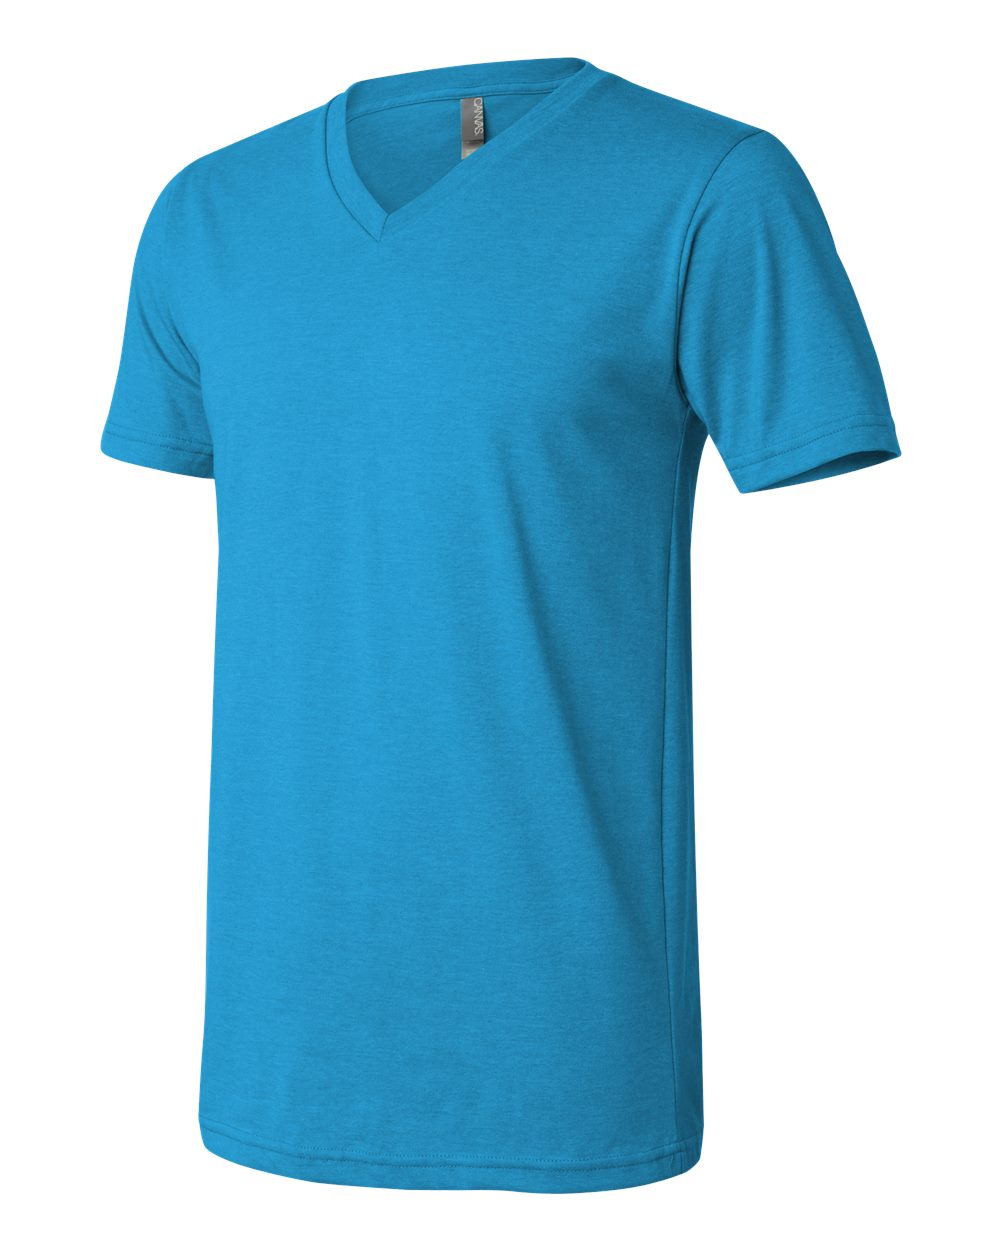 Bella-Canvas-Men-039-s-Jersey-Short-Sleeve-V-Neck-T-Shirt-3005-XS-3XL thumbnail 52